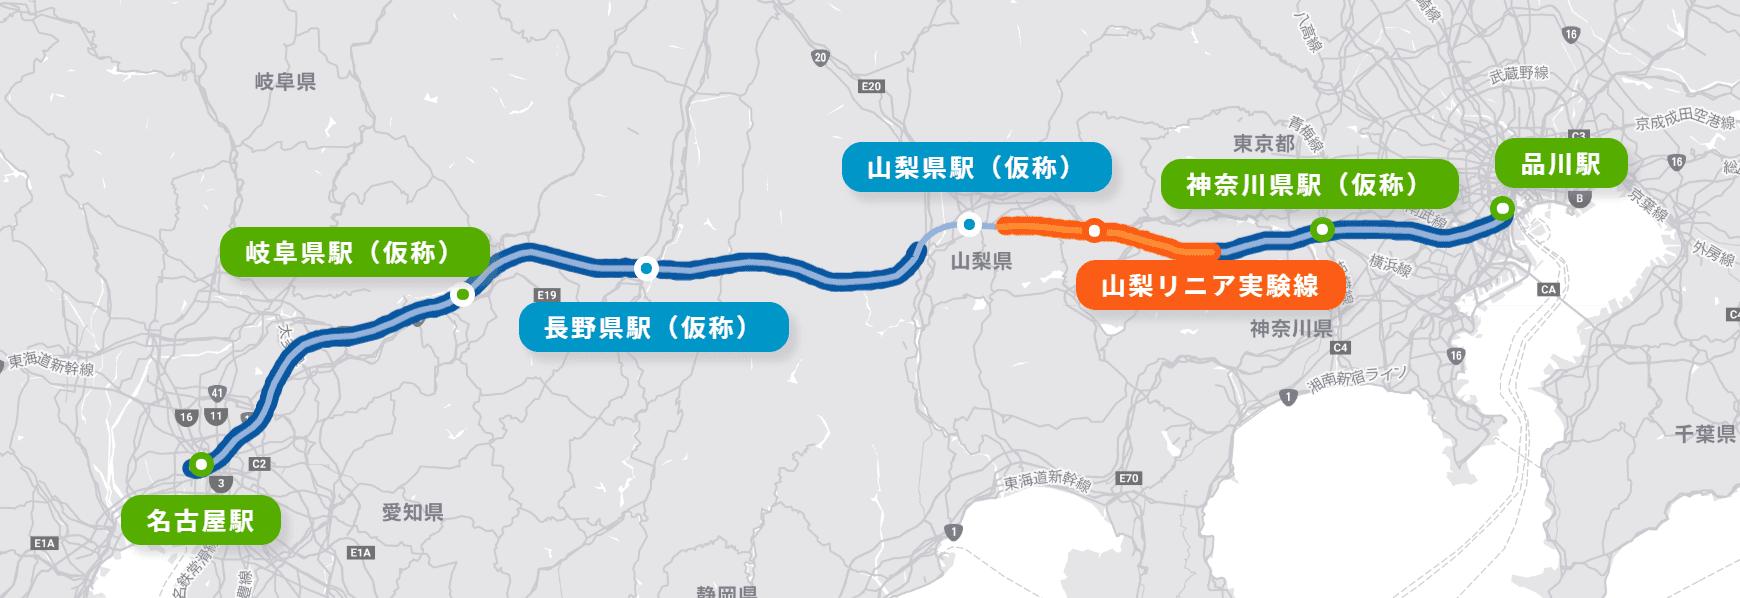 リニア中央路線図